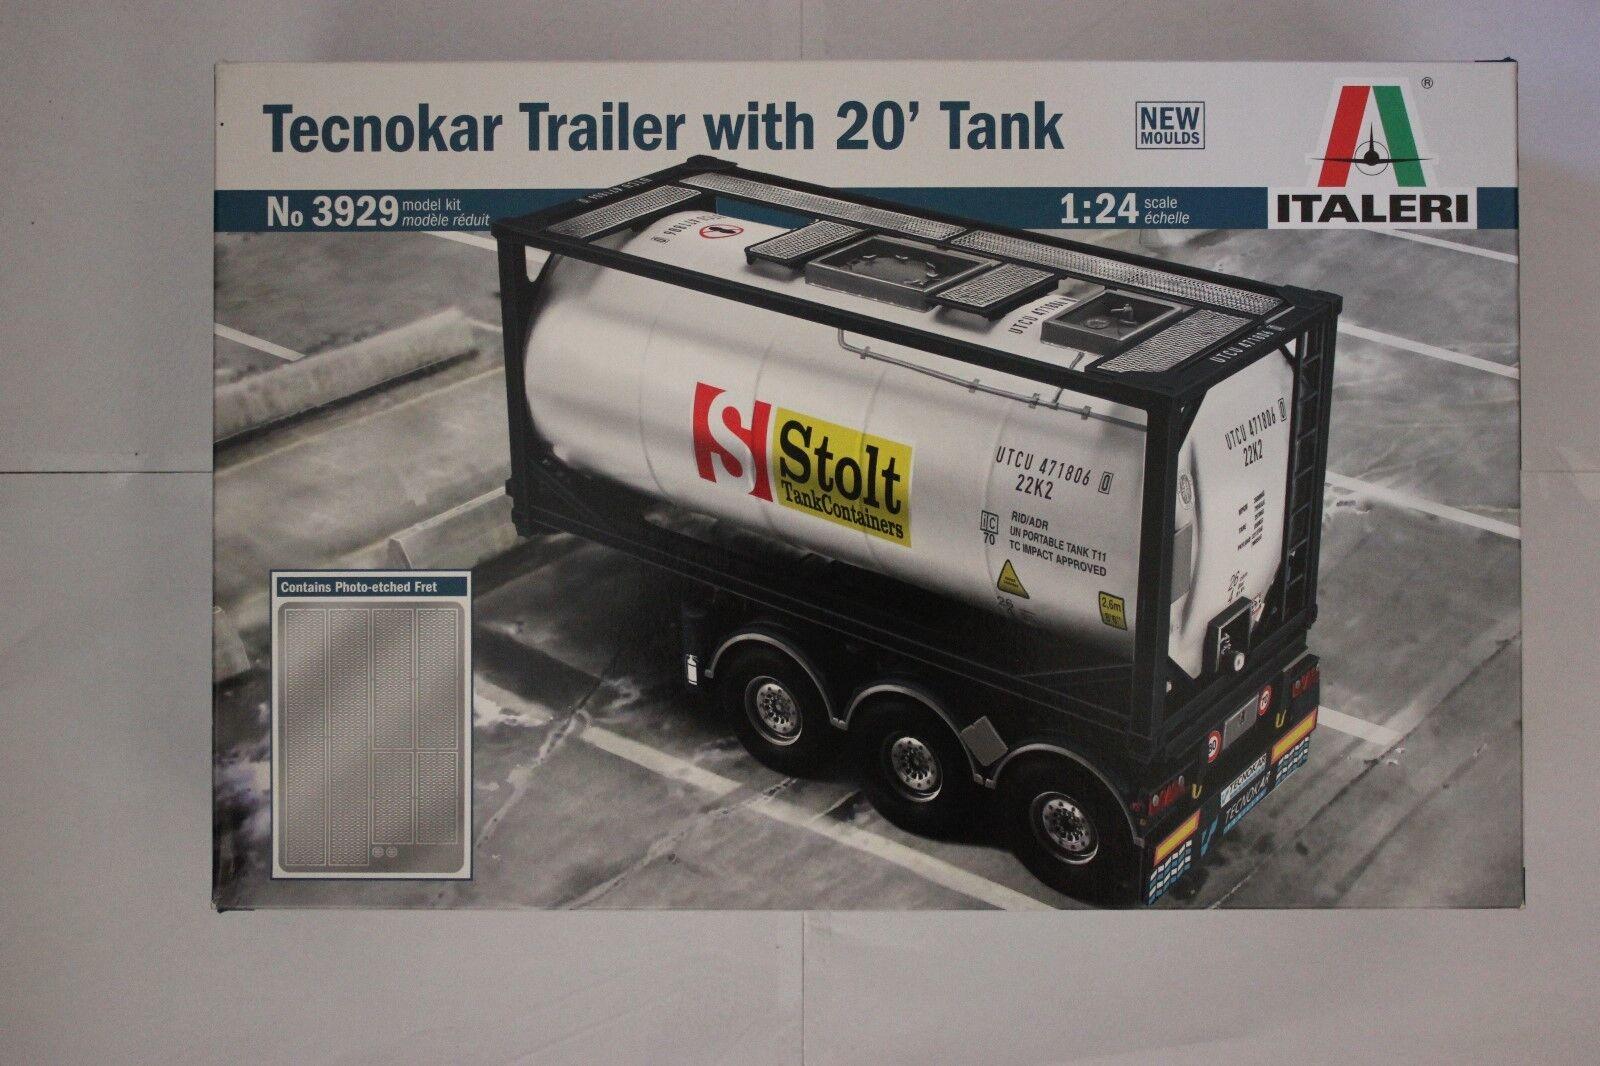 ITALERI 3929 Tecnokar Trailer with 20' Tank 1 24 Scale